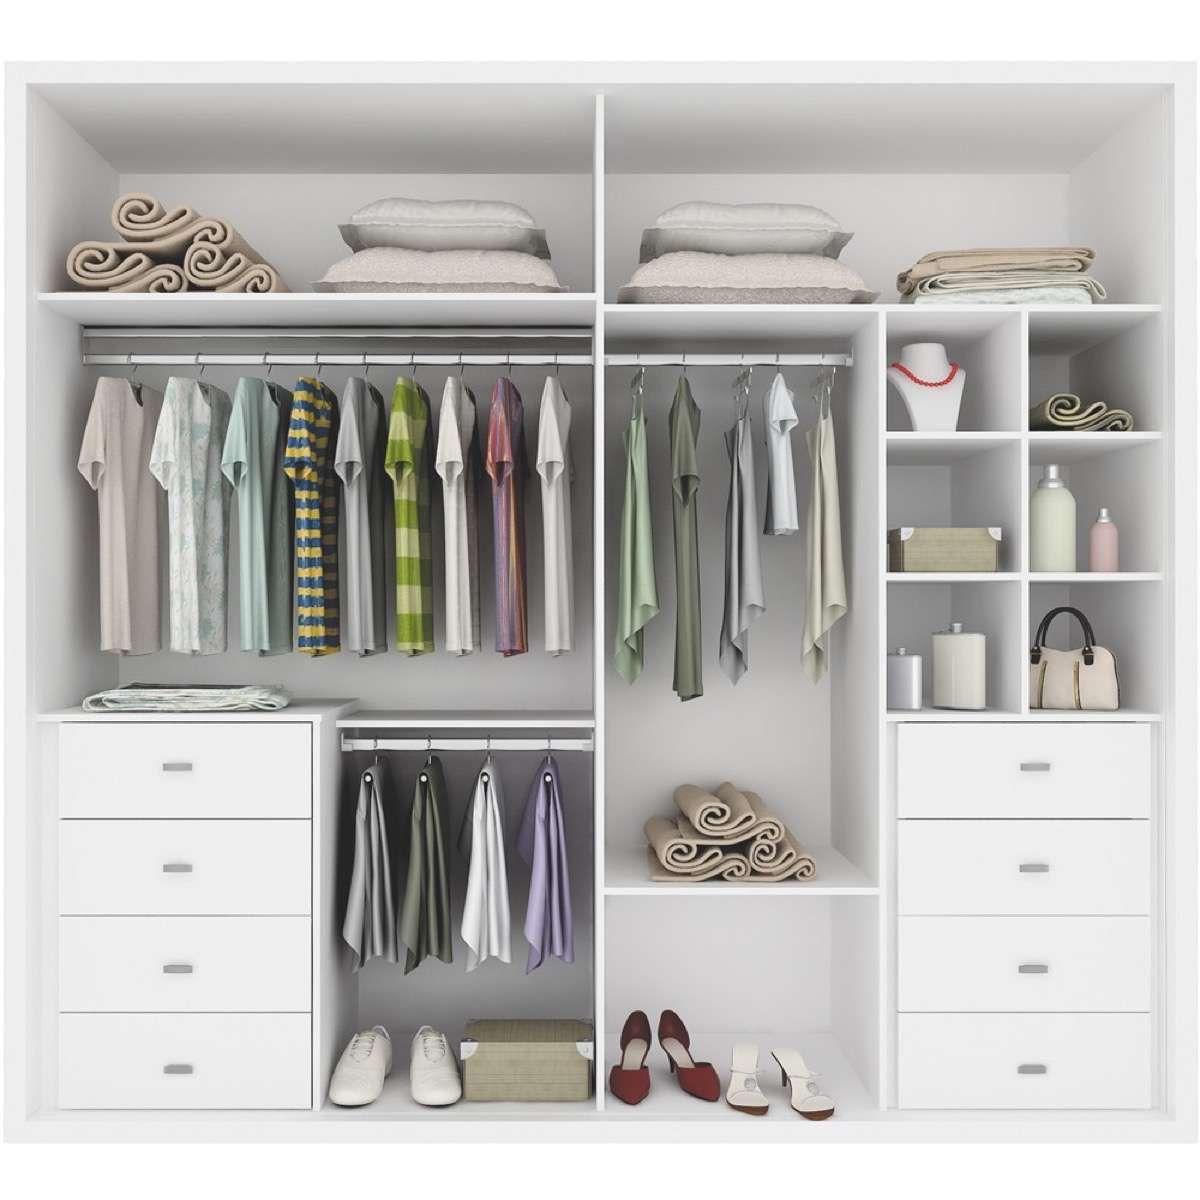 Distribuci n de armarios c mo organizar la ropa para for Armarios de madera baratos